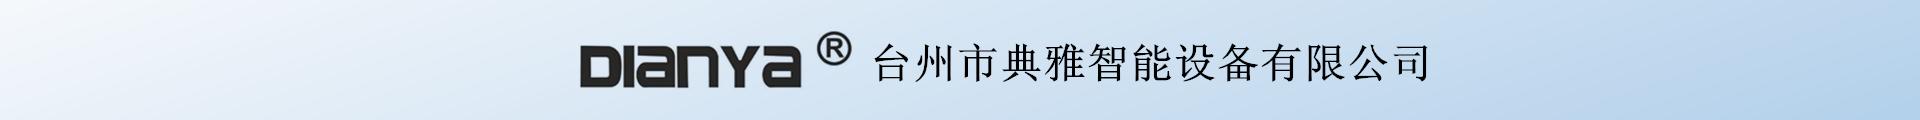 台州市典雅智慧設備有限公司